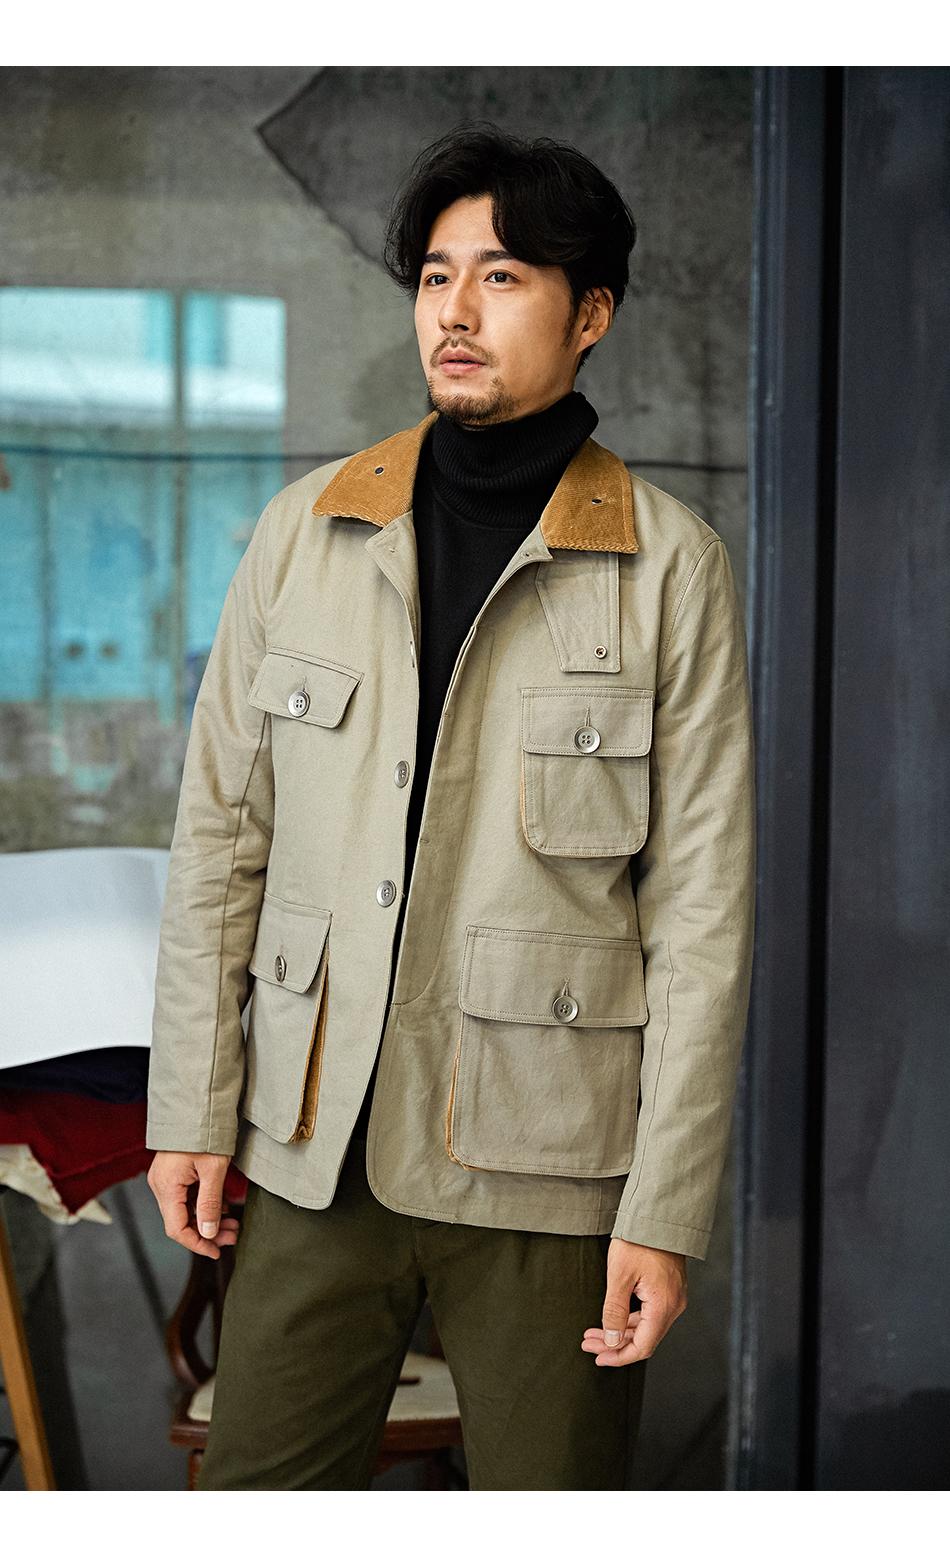 复古风格依旧耐人寻味,熟男应该这样穿  秋11月 搭配 第1张